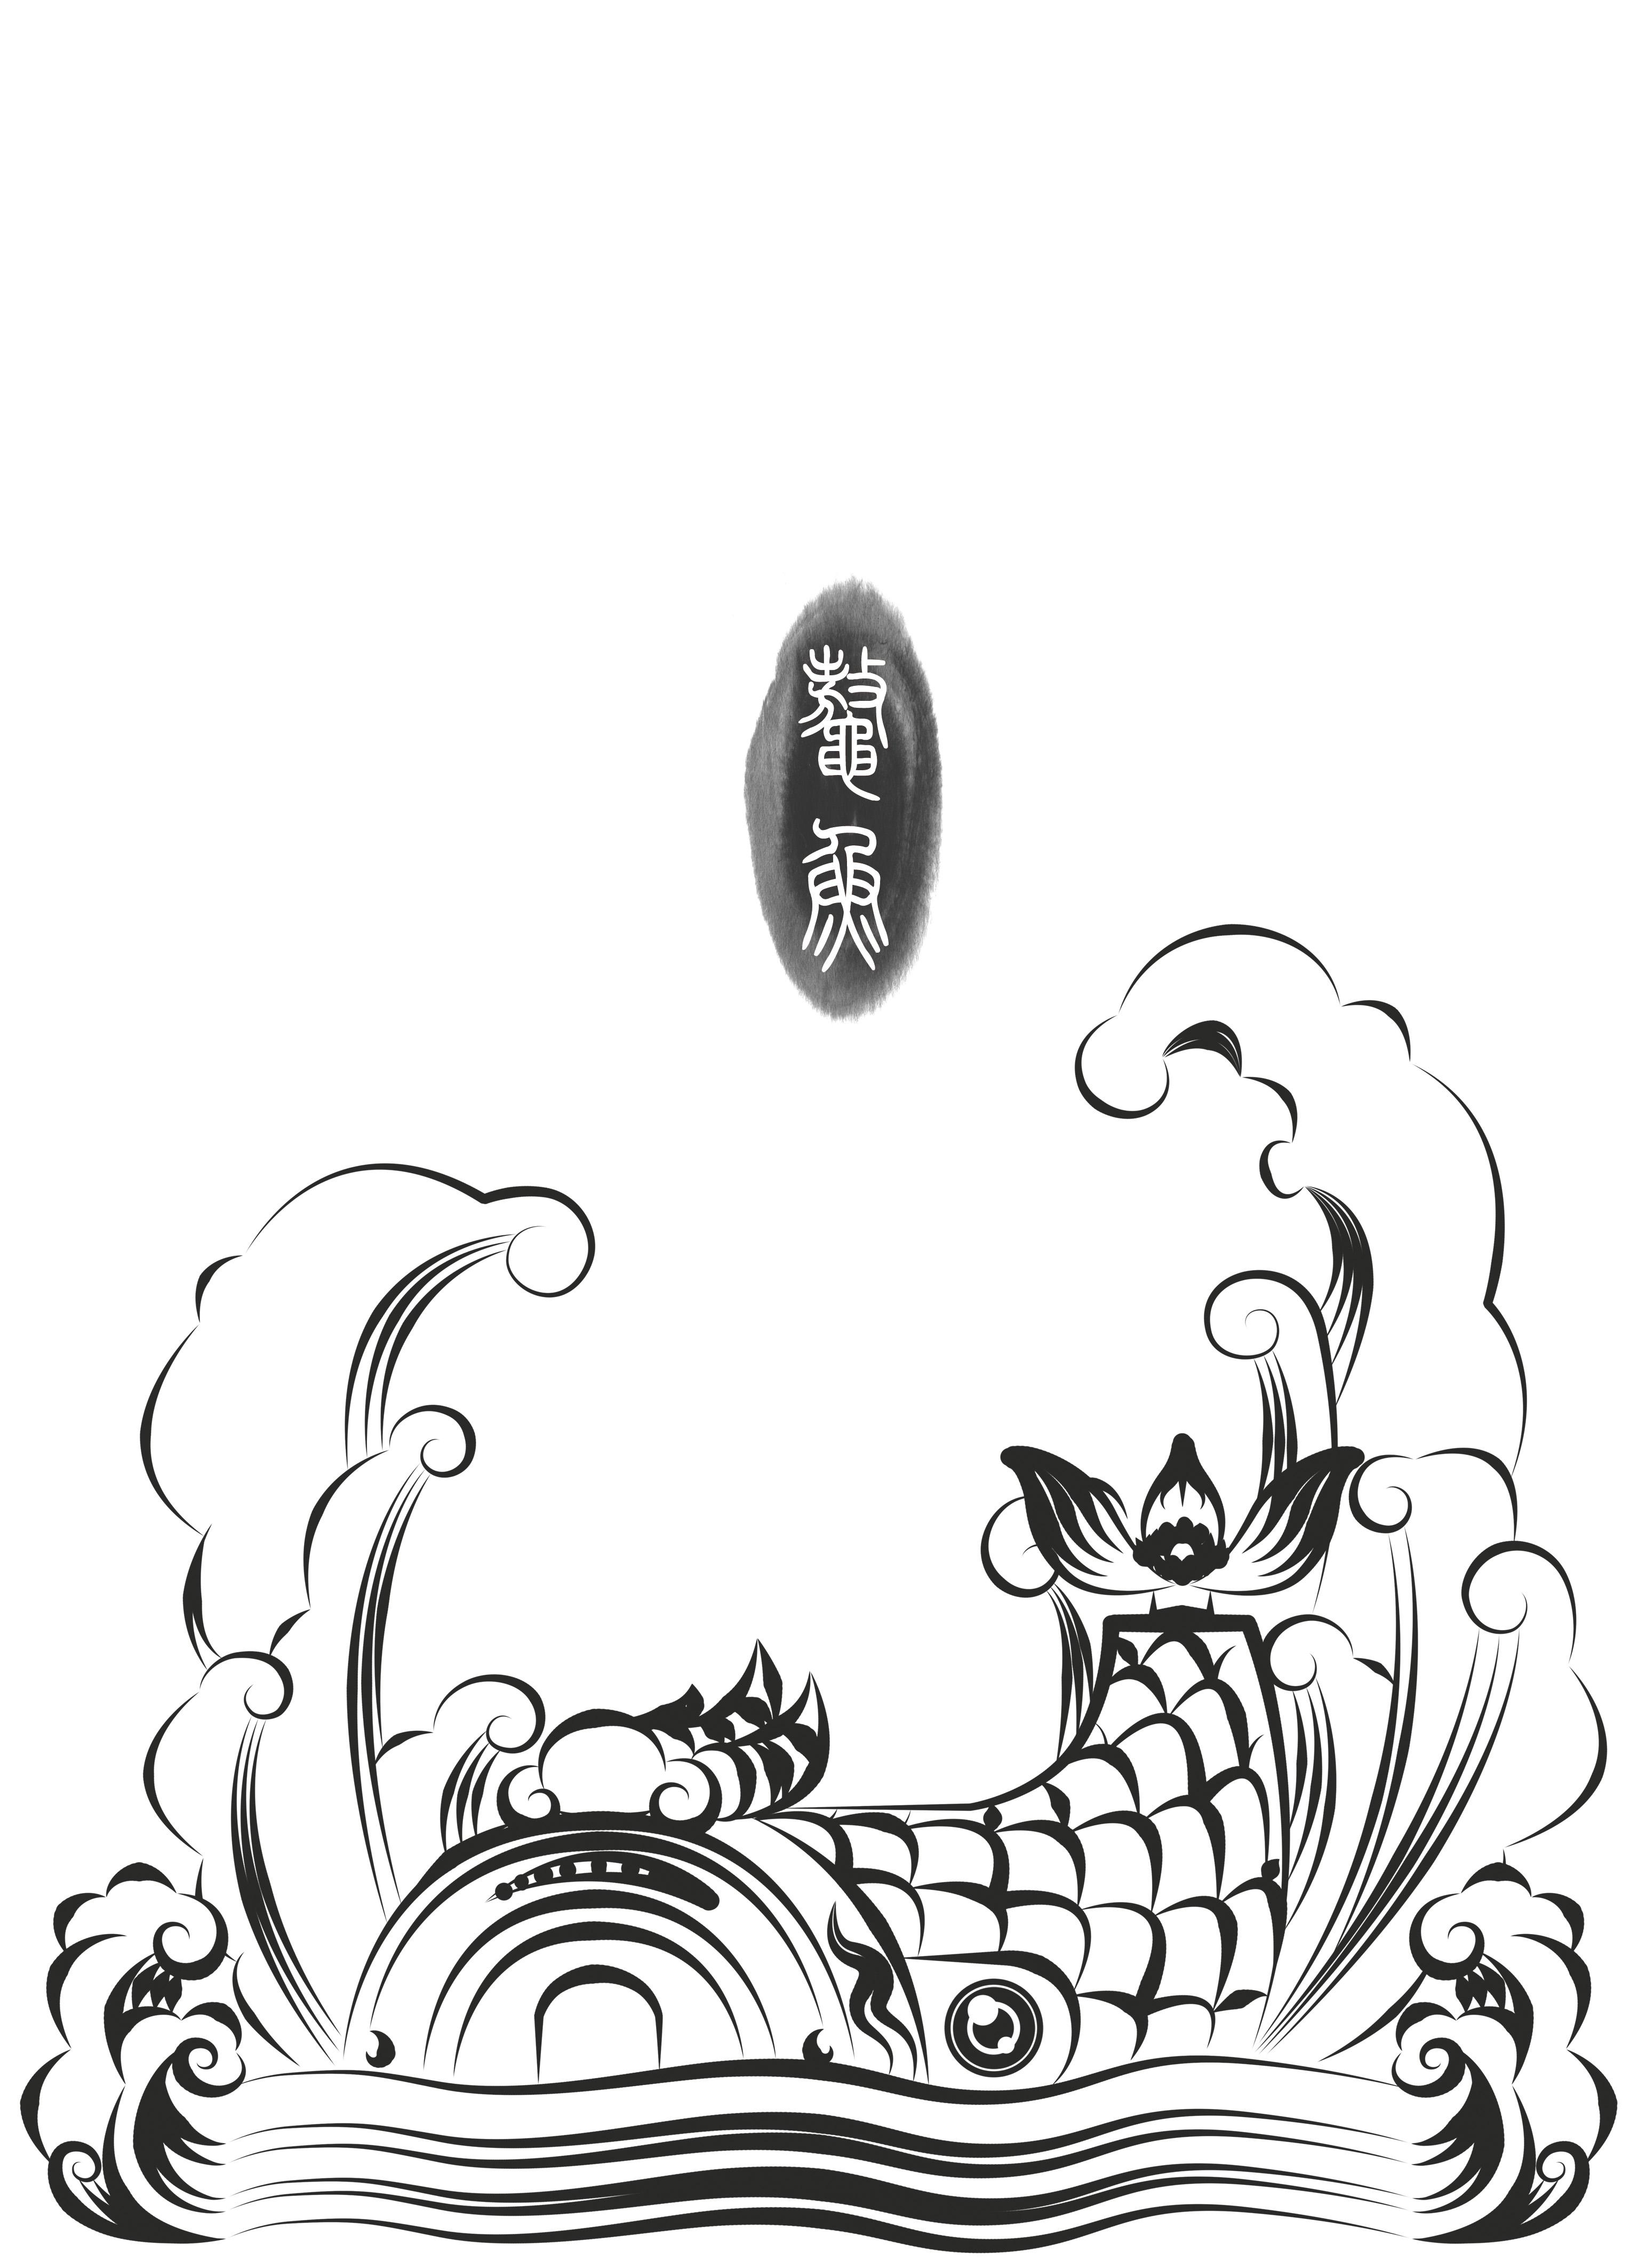 鳌鱼形象设计,及衍生产品设计